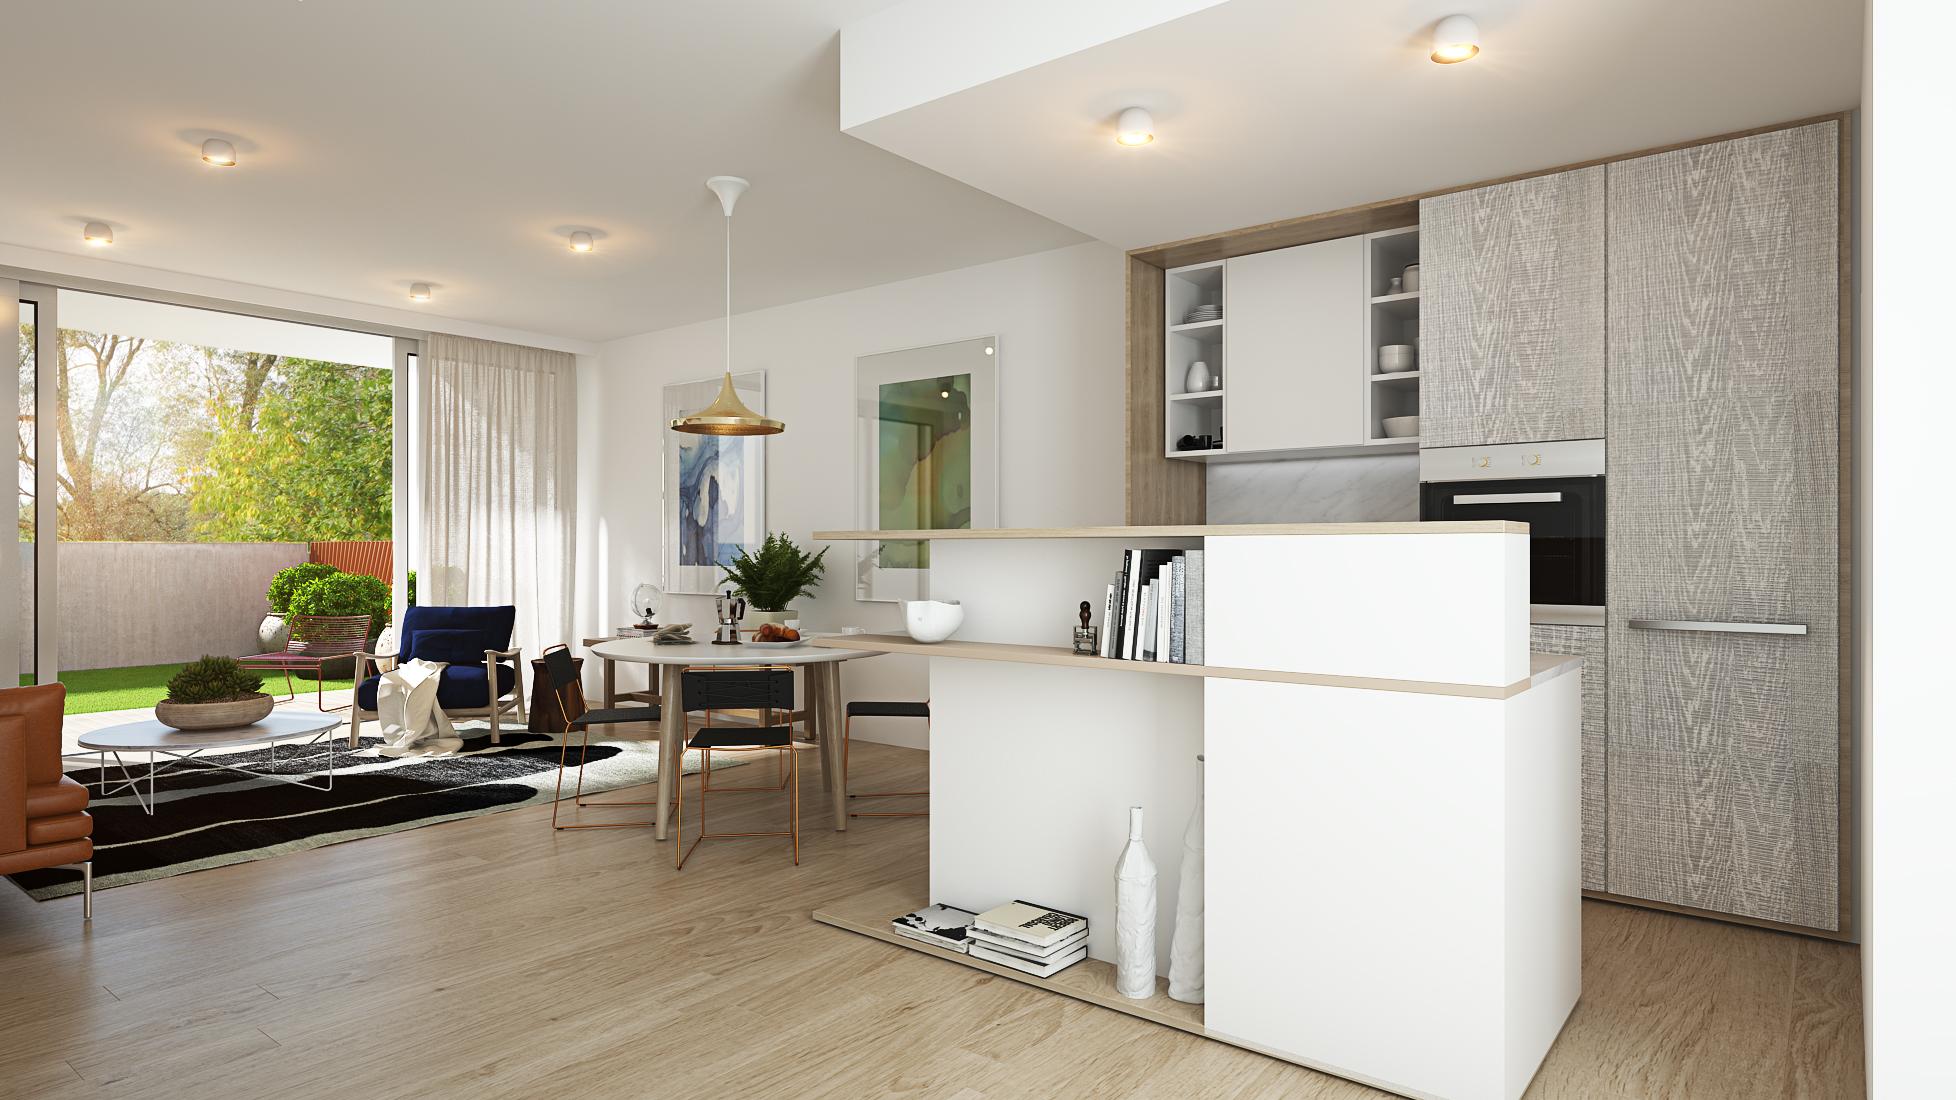 140812 - Aster - Kitchen